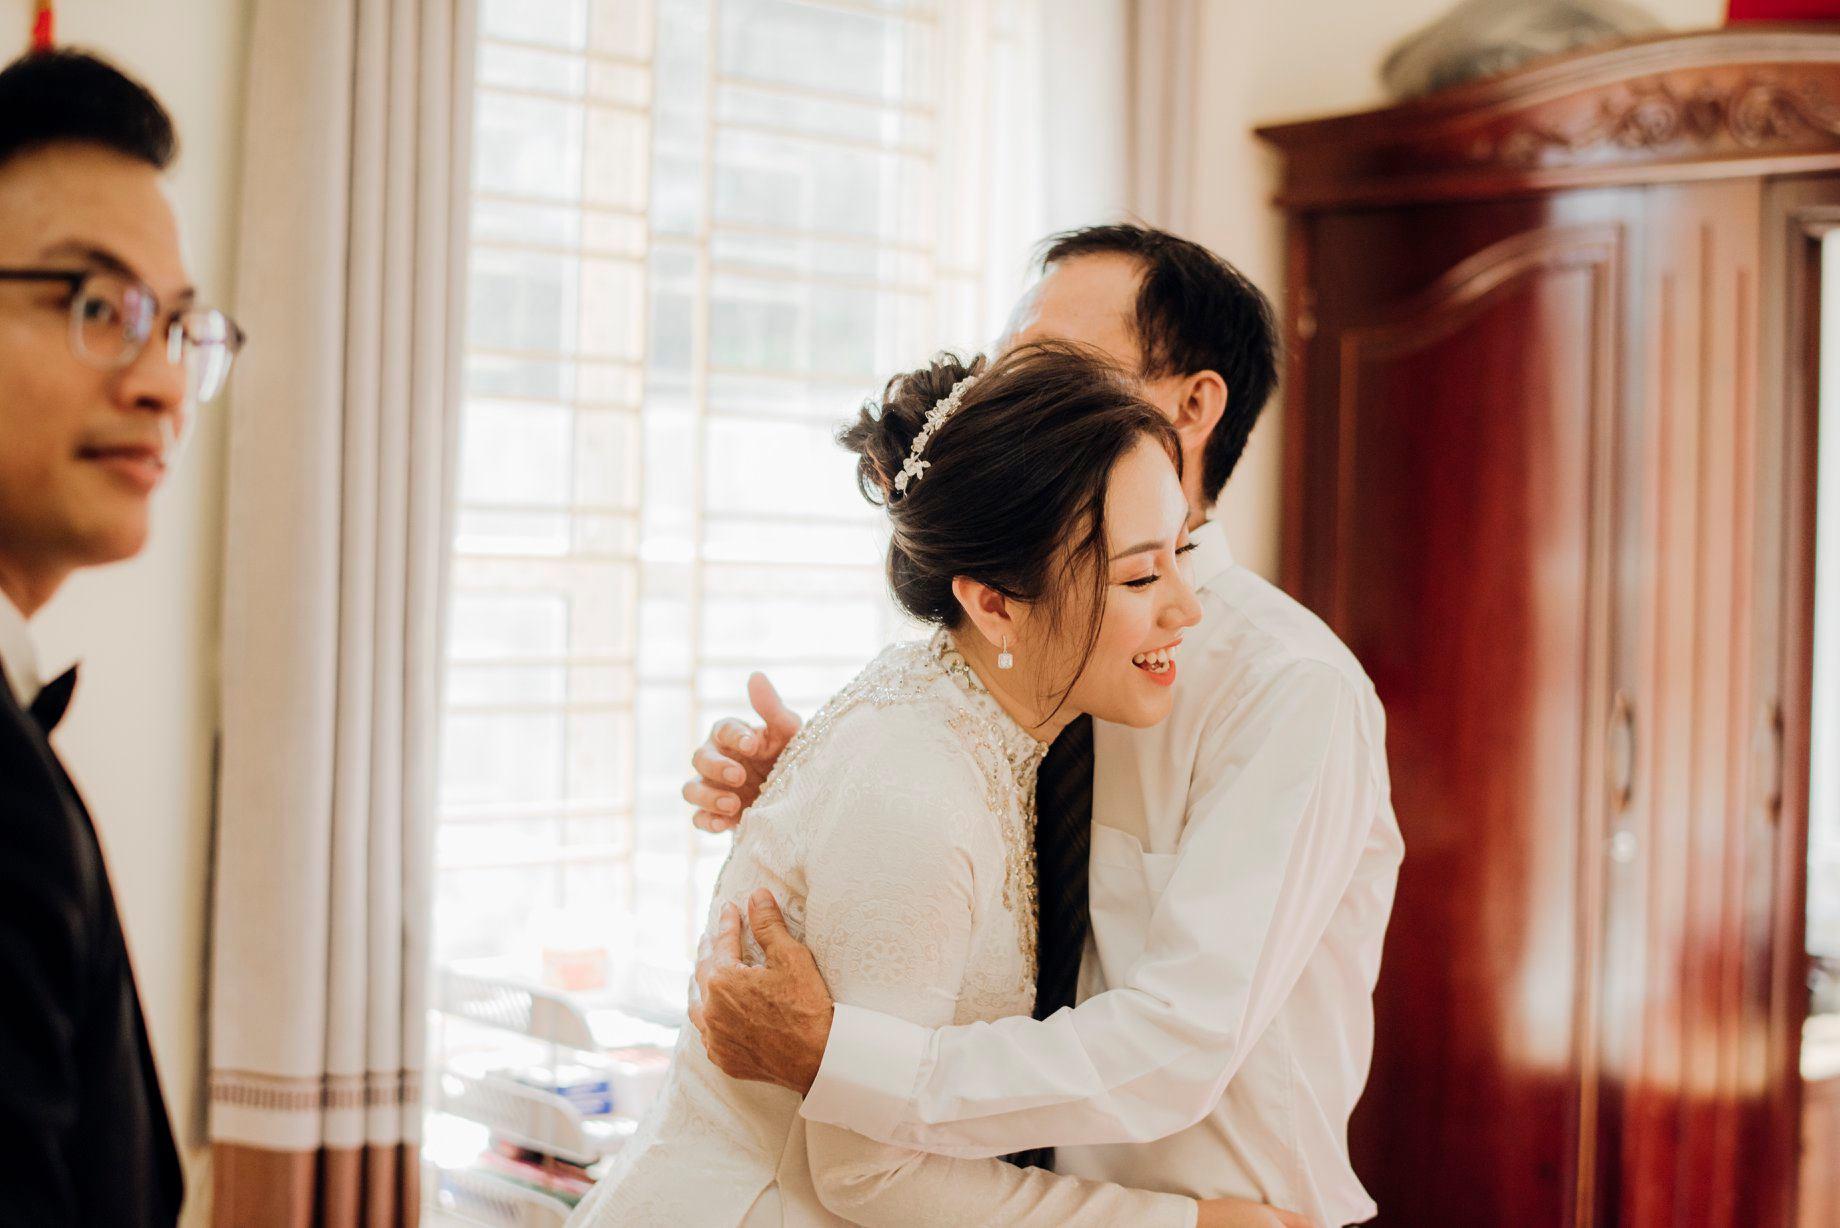 Kinh nghiệm chụp ảnh phóng sự cưới không thể bỏ qua